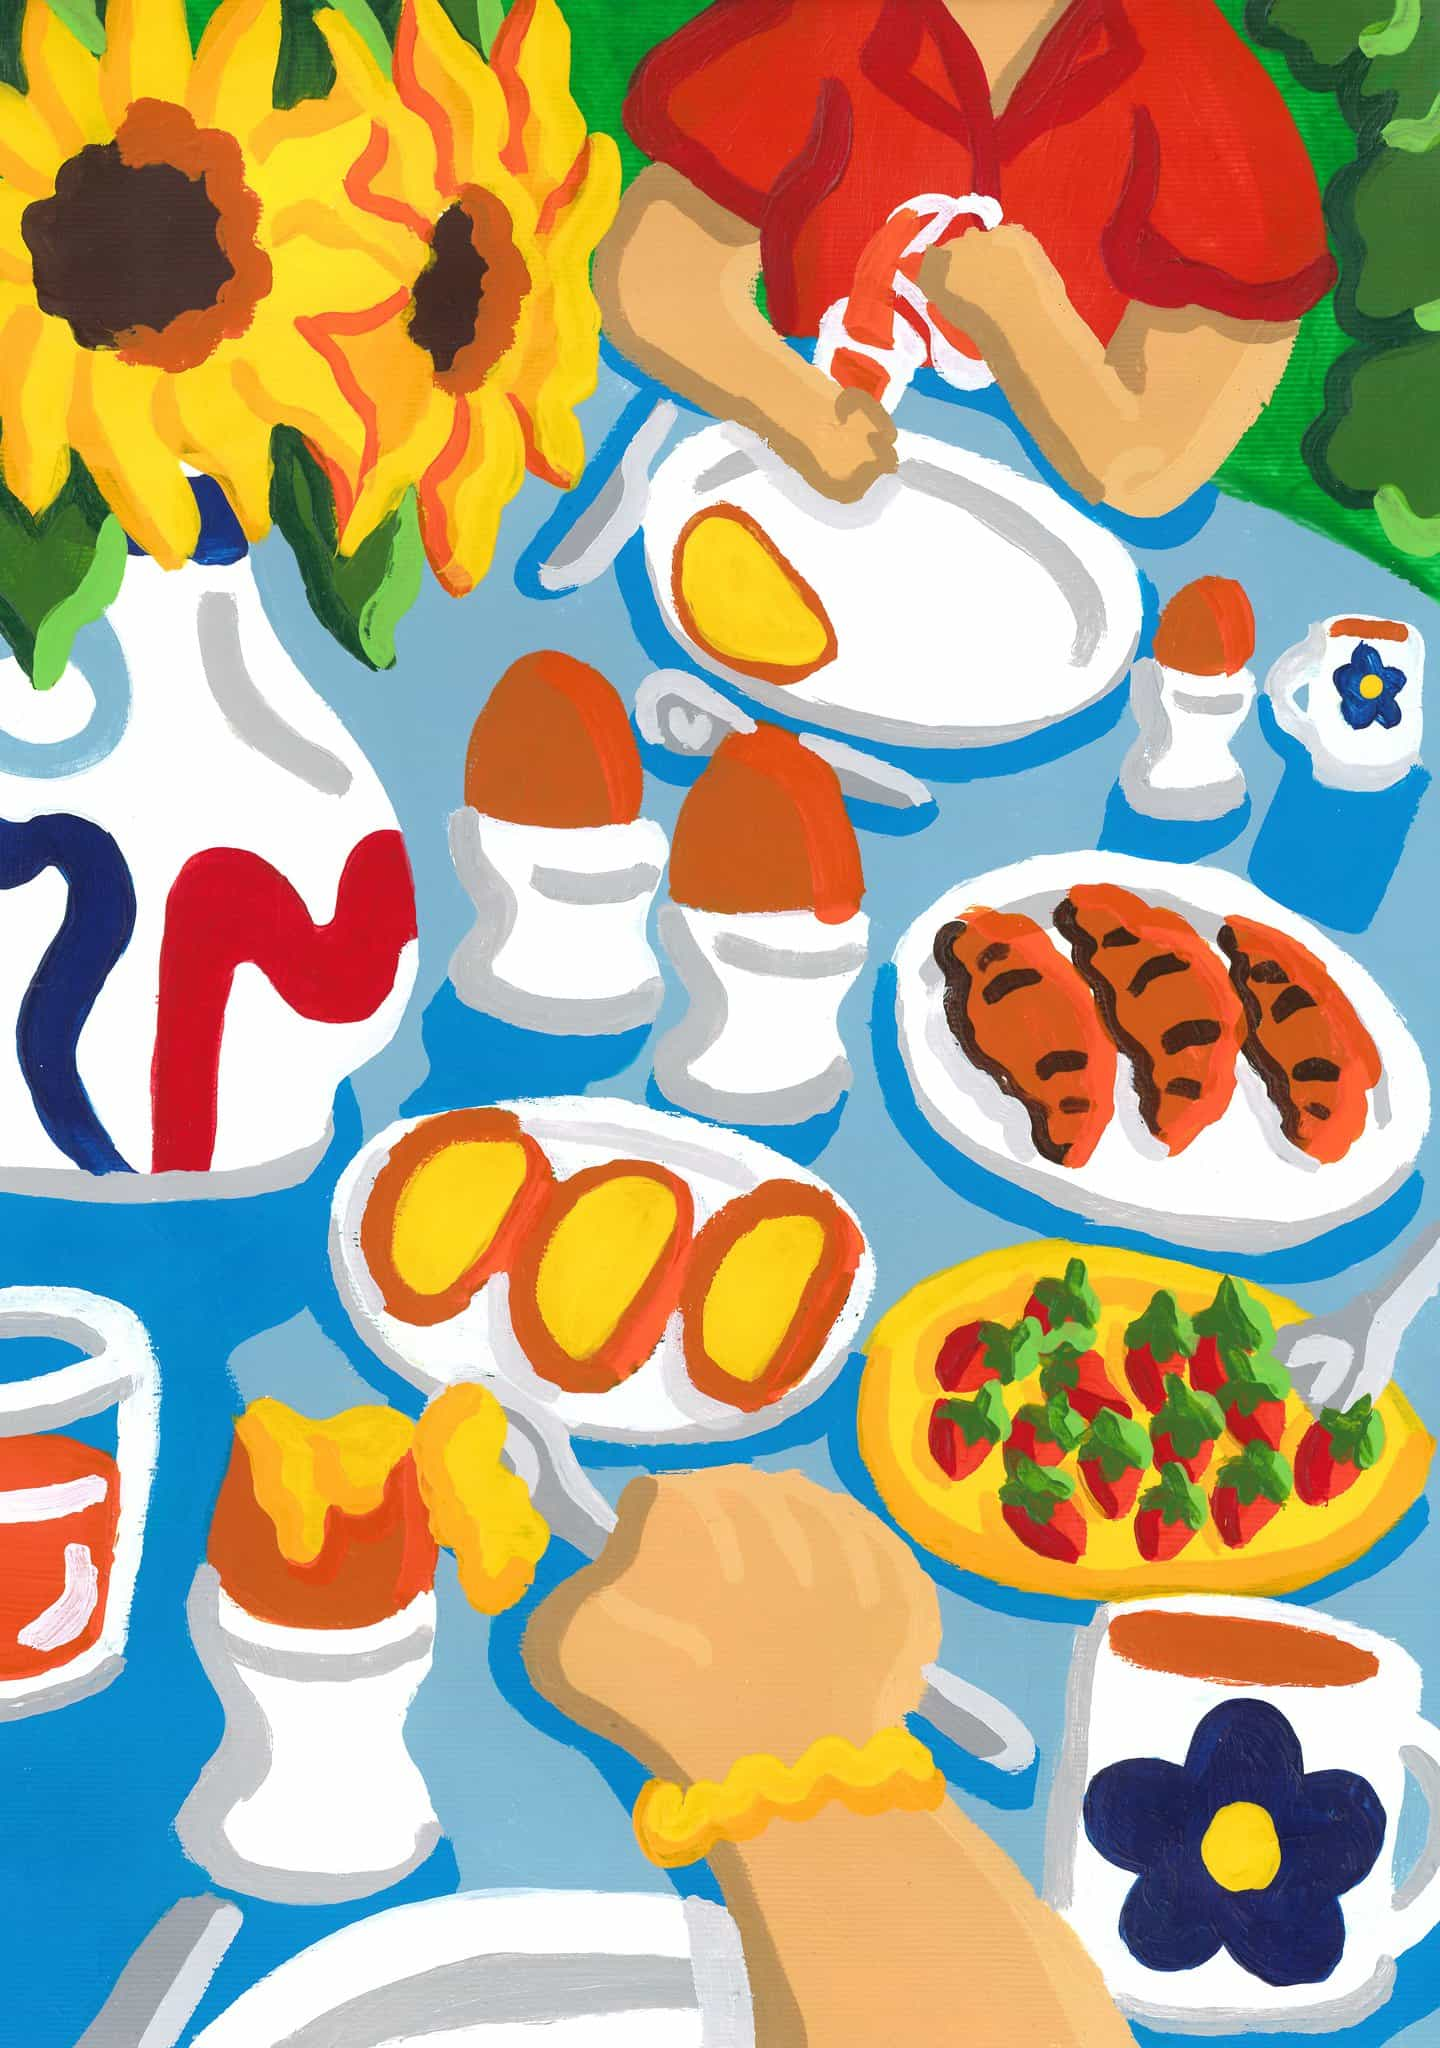 Rosie mayo: Los chicos en el desayuno (Copyright © Rosie de mayo de 2020)